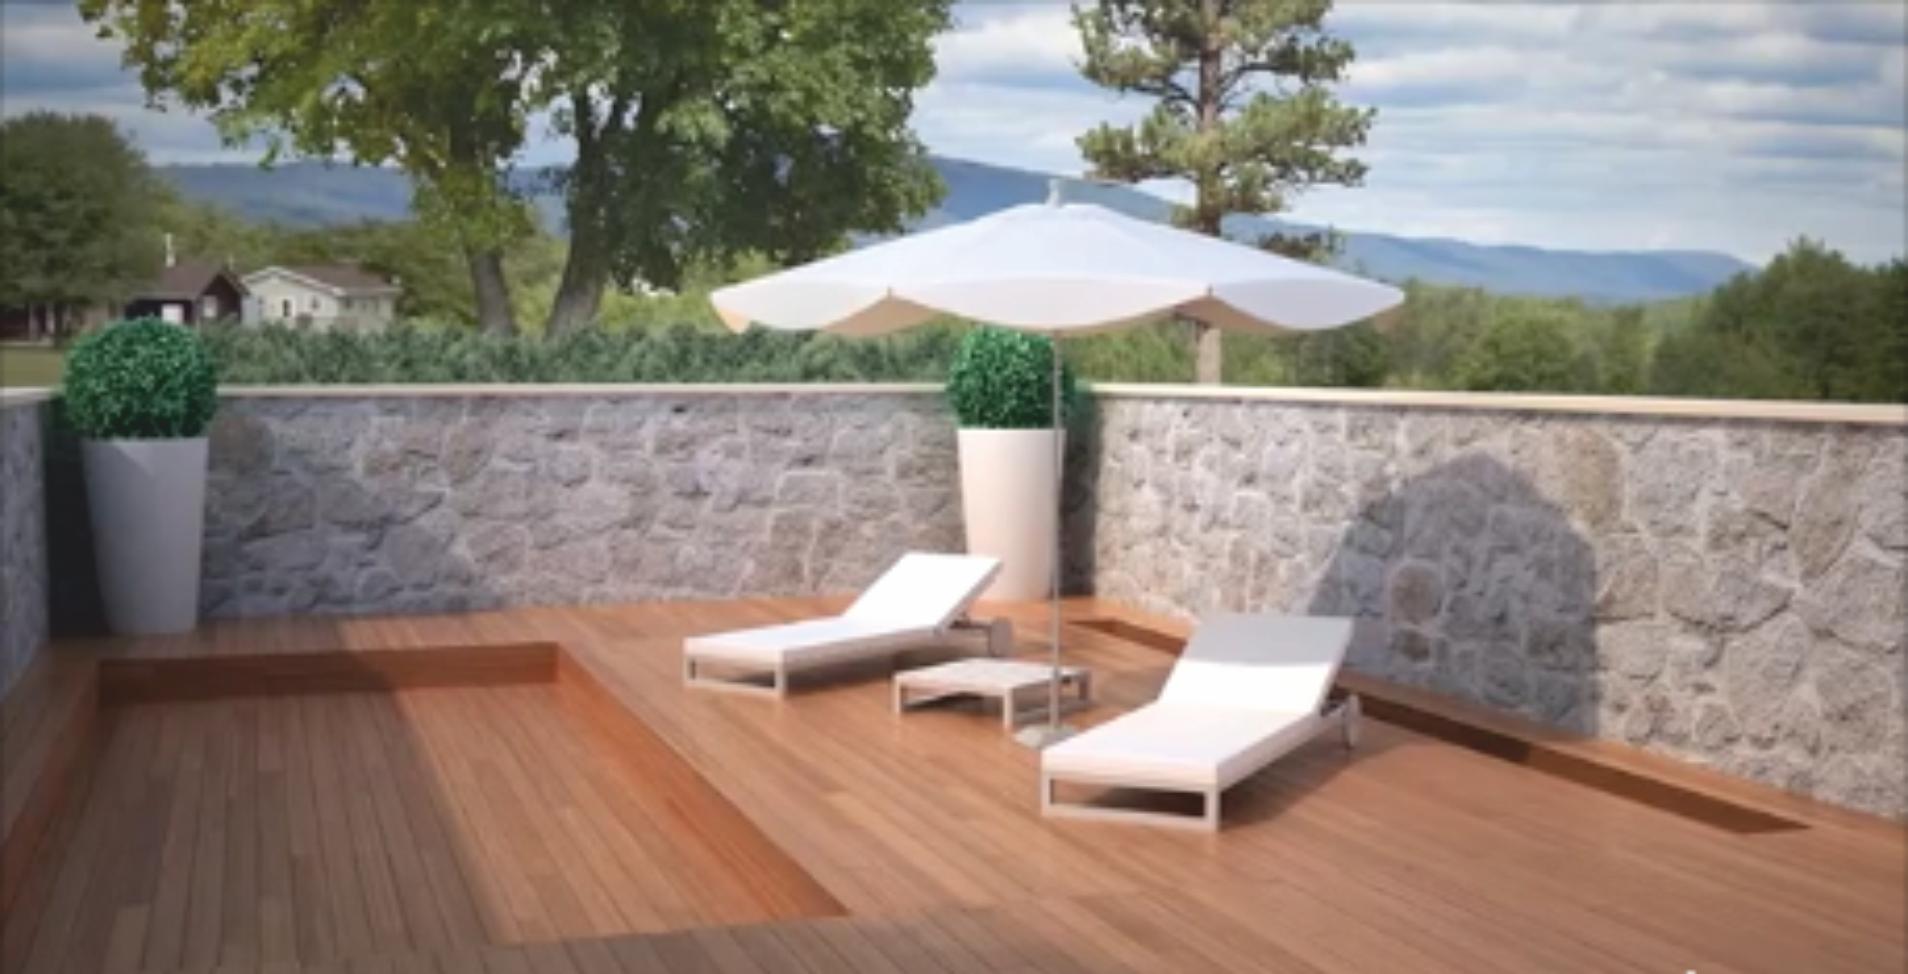 Cubiertas terrazas terraza cubierta con techo movil de - Cubiertas de terrazas ...